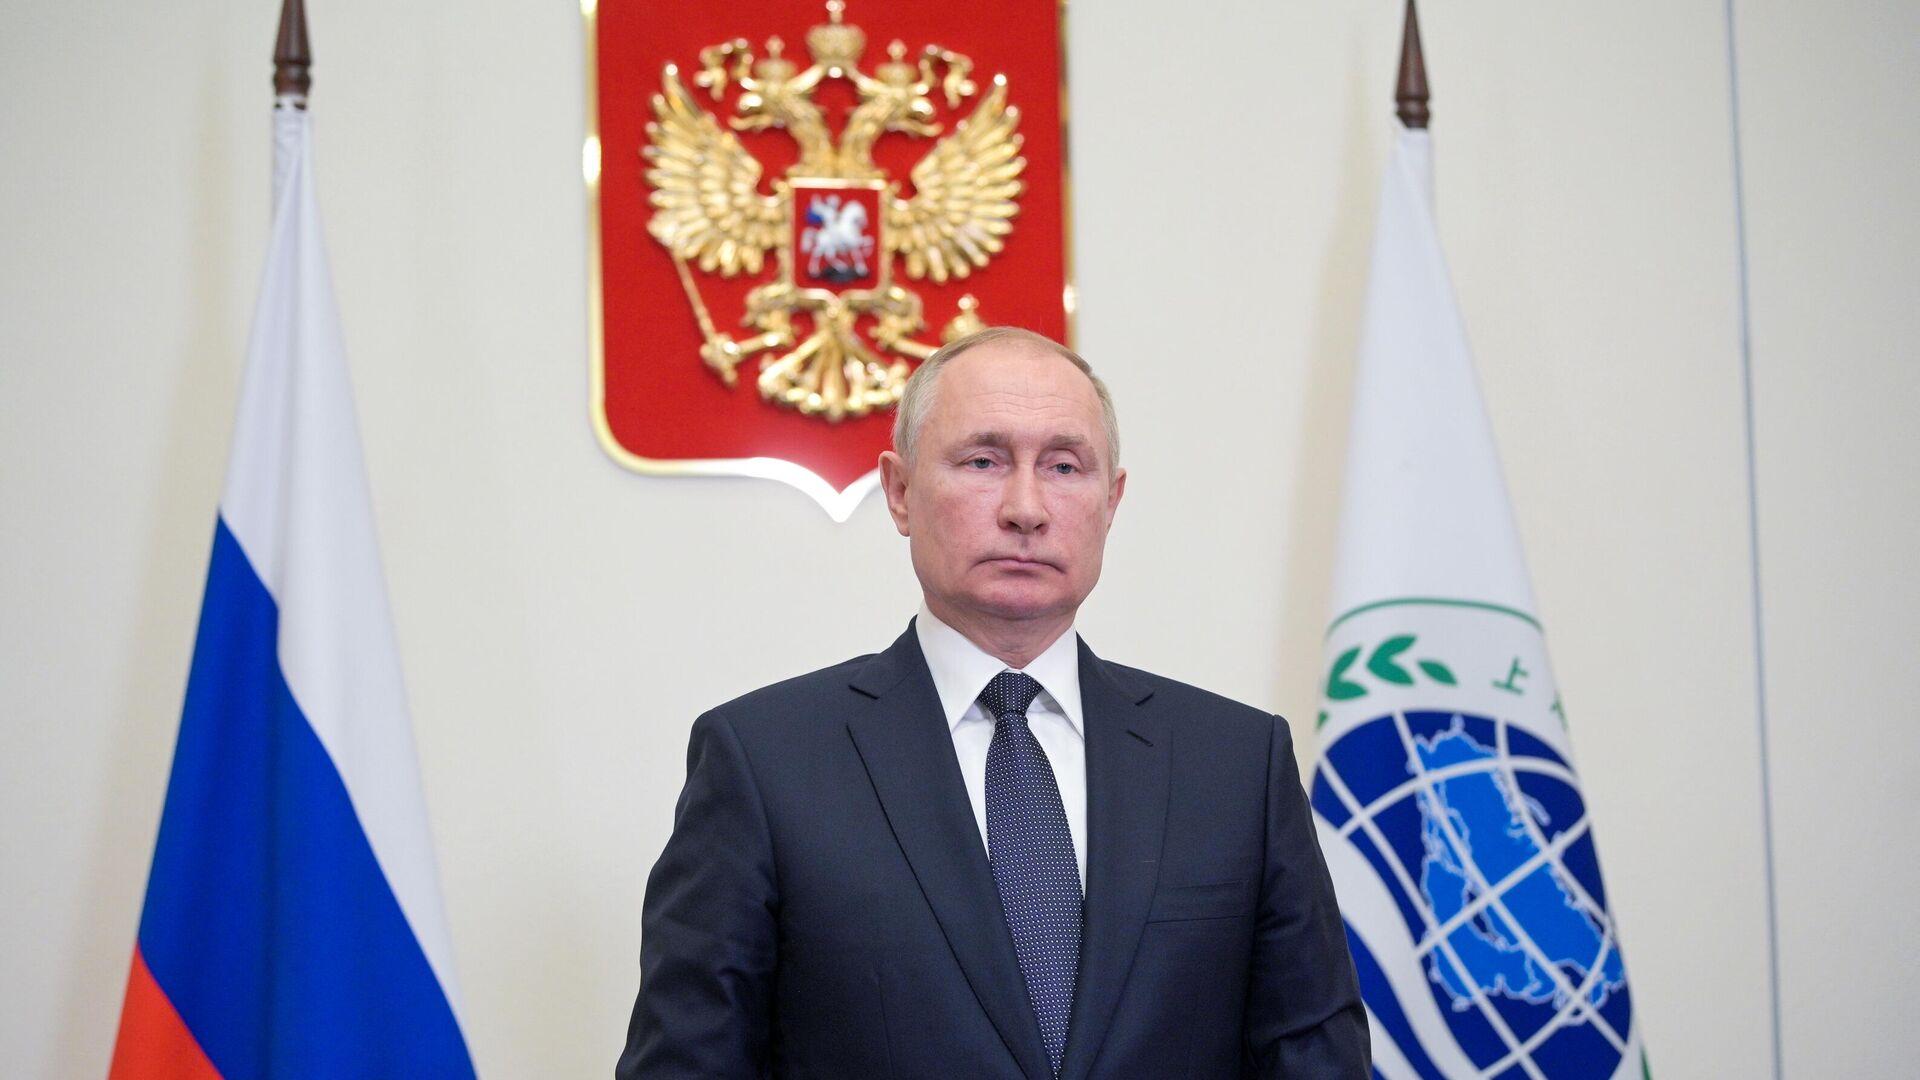 В Госдуме назвали новые санкции США прямым вмешательством в дела России